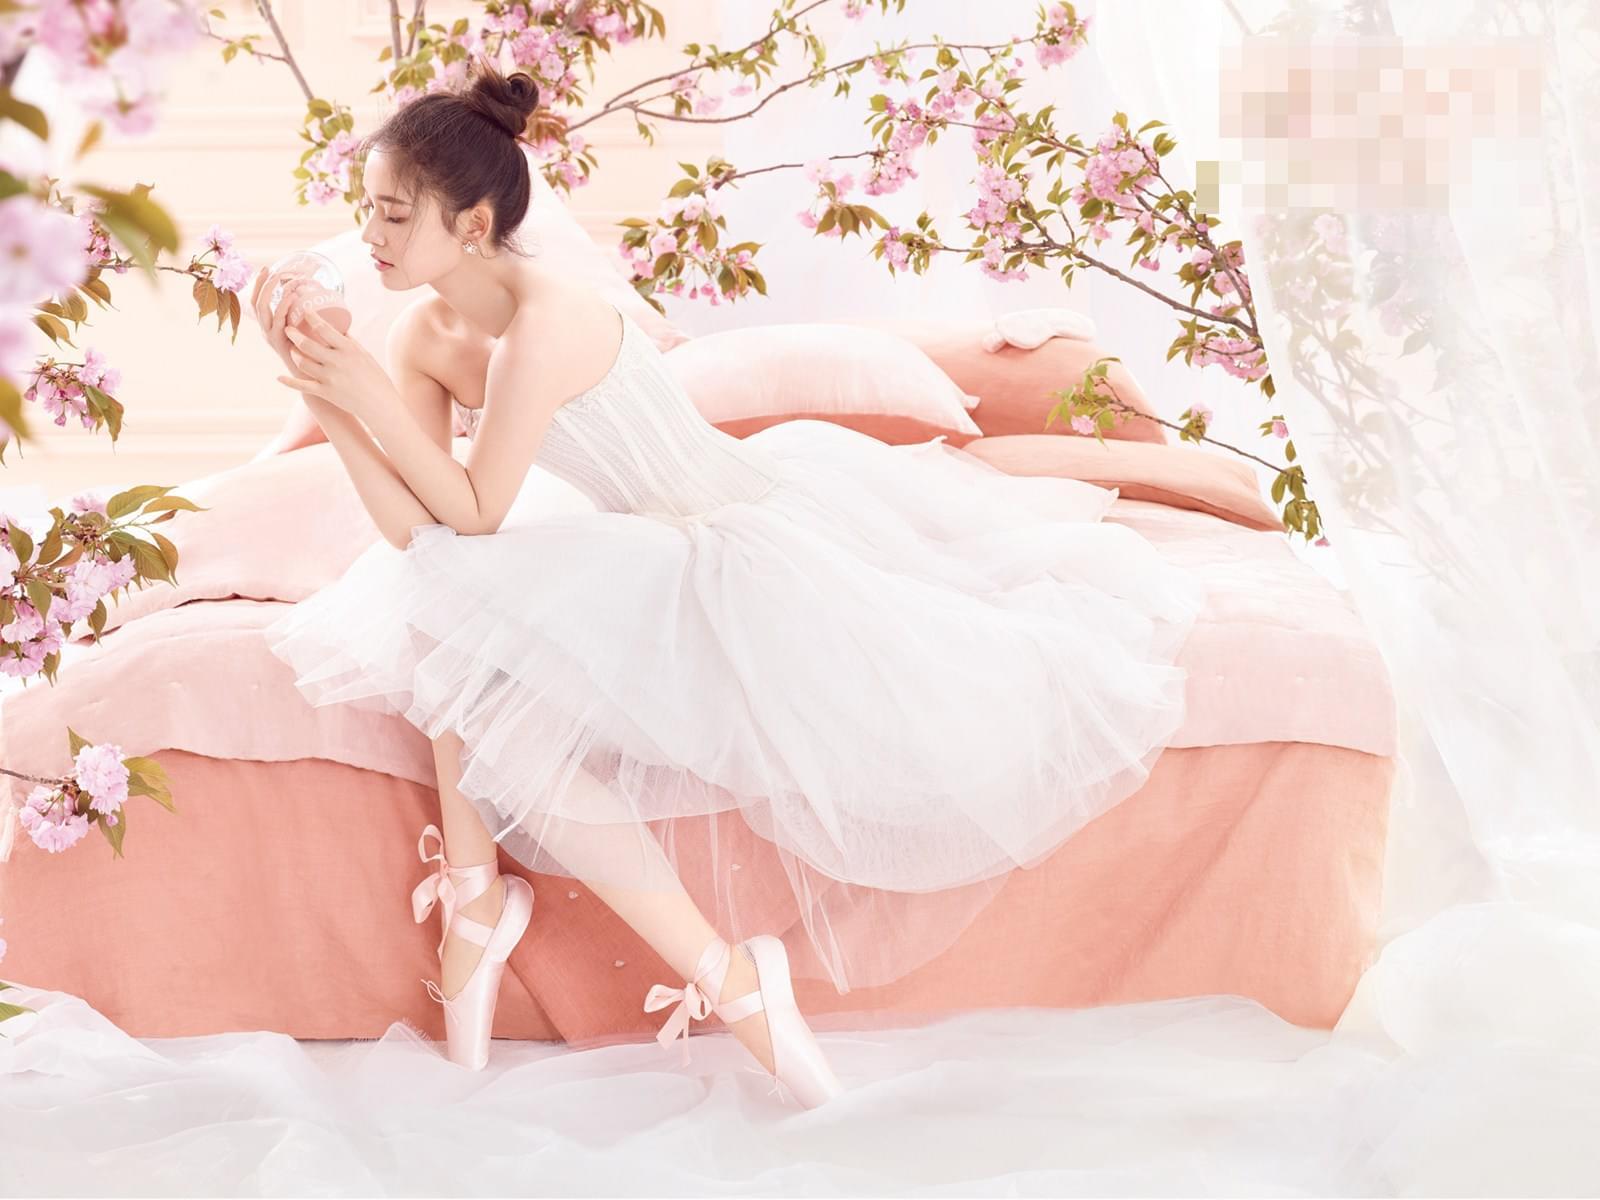 林允优雅变身芭蕾舞娘